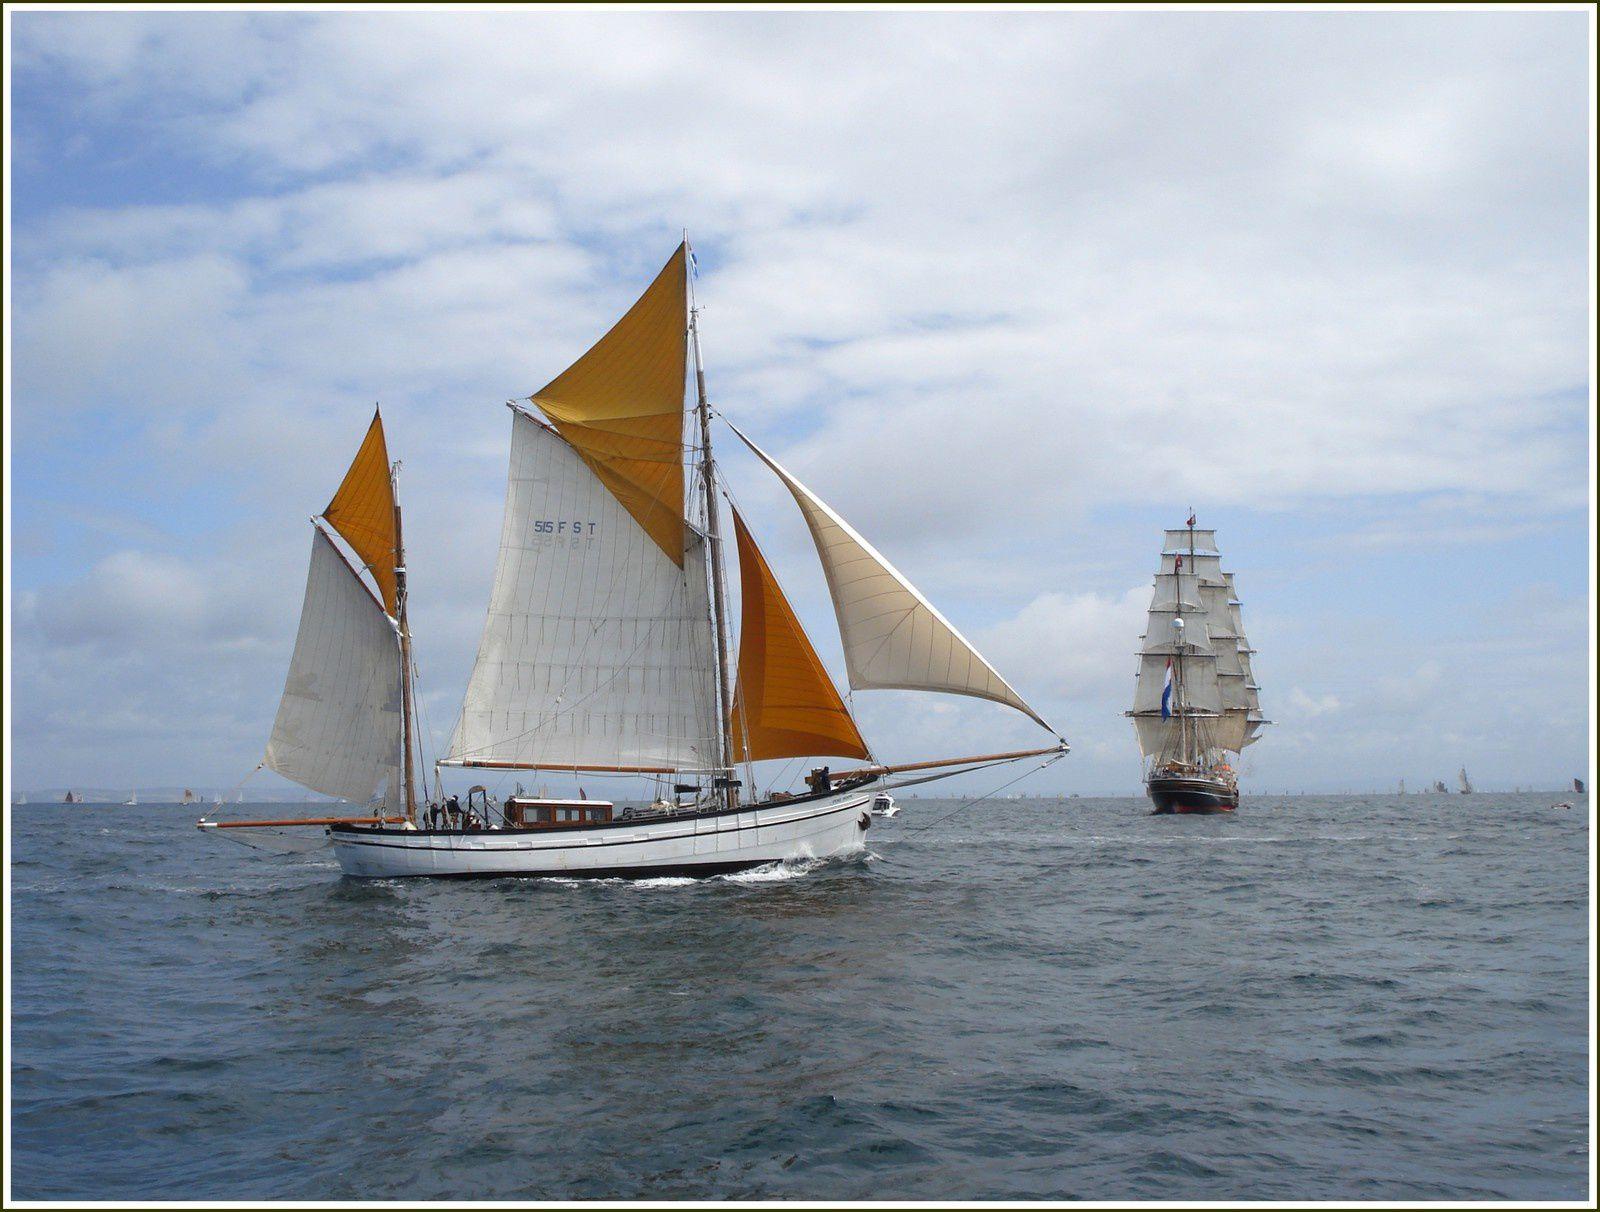 265 - Voilier Etoile-Molène yawl aurique bateau de pêche construit par Auguste Tertu 1954 Camaret France photos caractéristiques